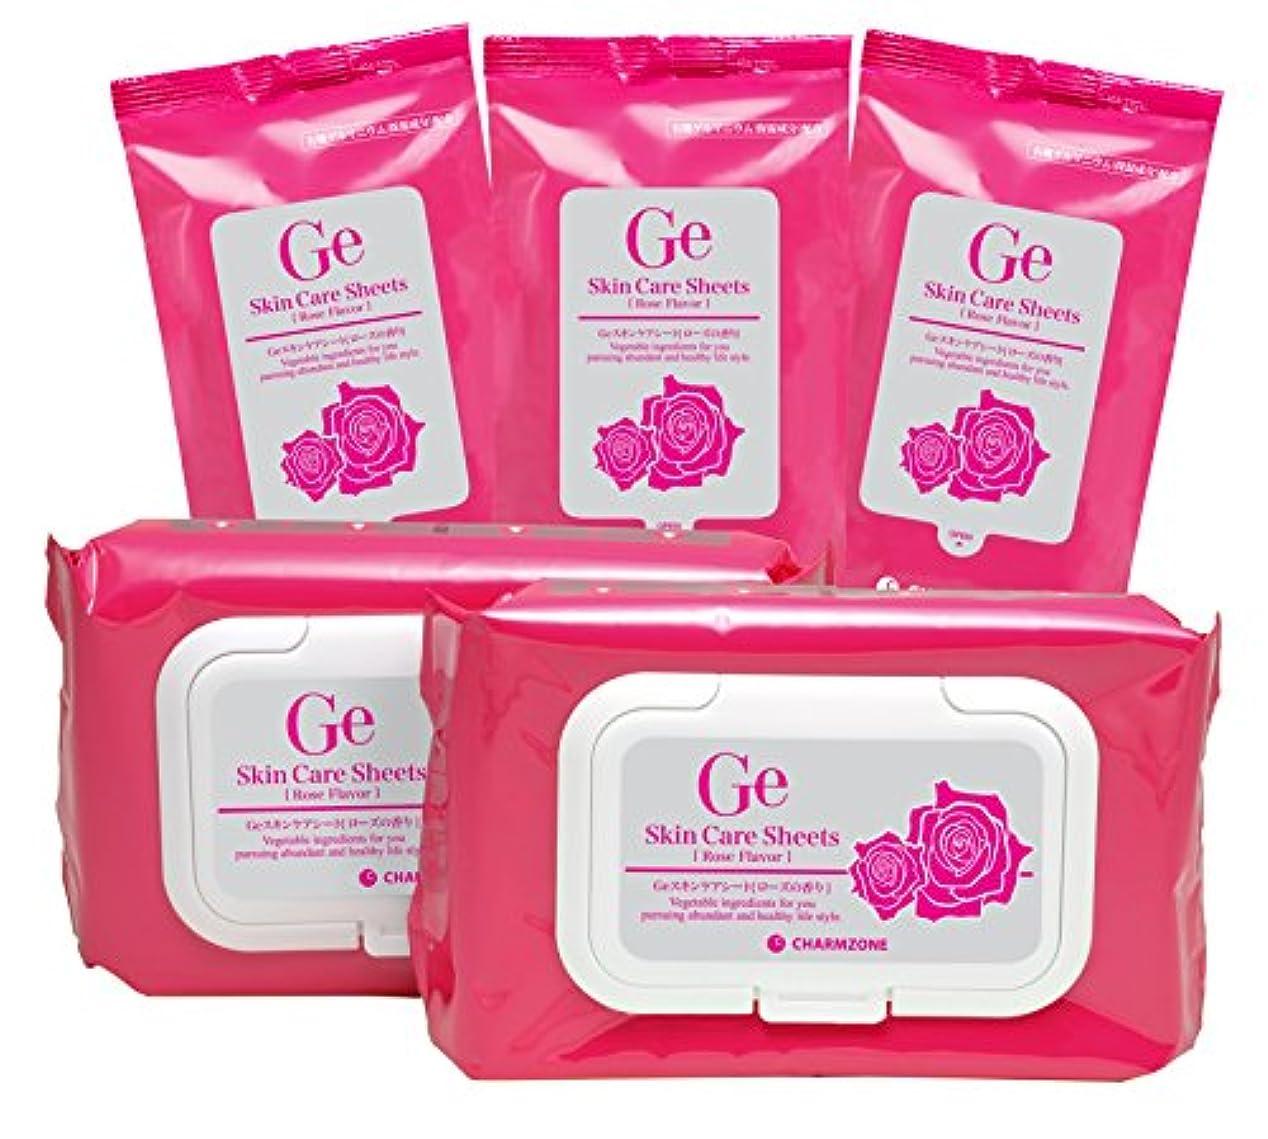 不安定どこ何よりもCHARM ZONE(チャームゾーン) Geスキンケアシート ローズの香り150枚入 人気韓国コスメ! クレンジングもスキンケアもこれ1枚でOK!